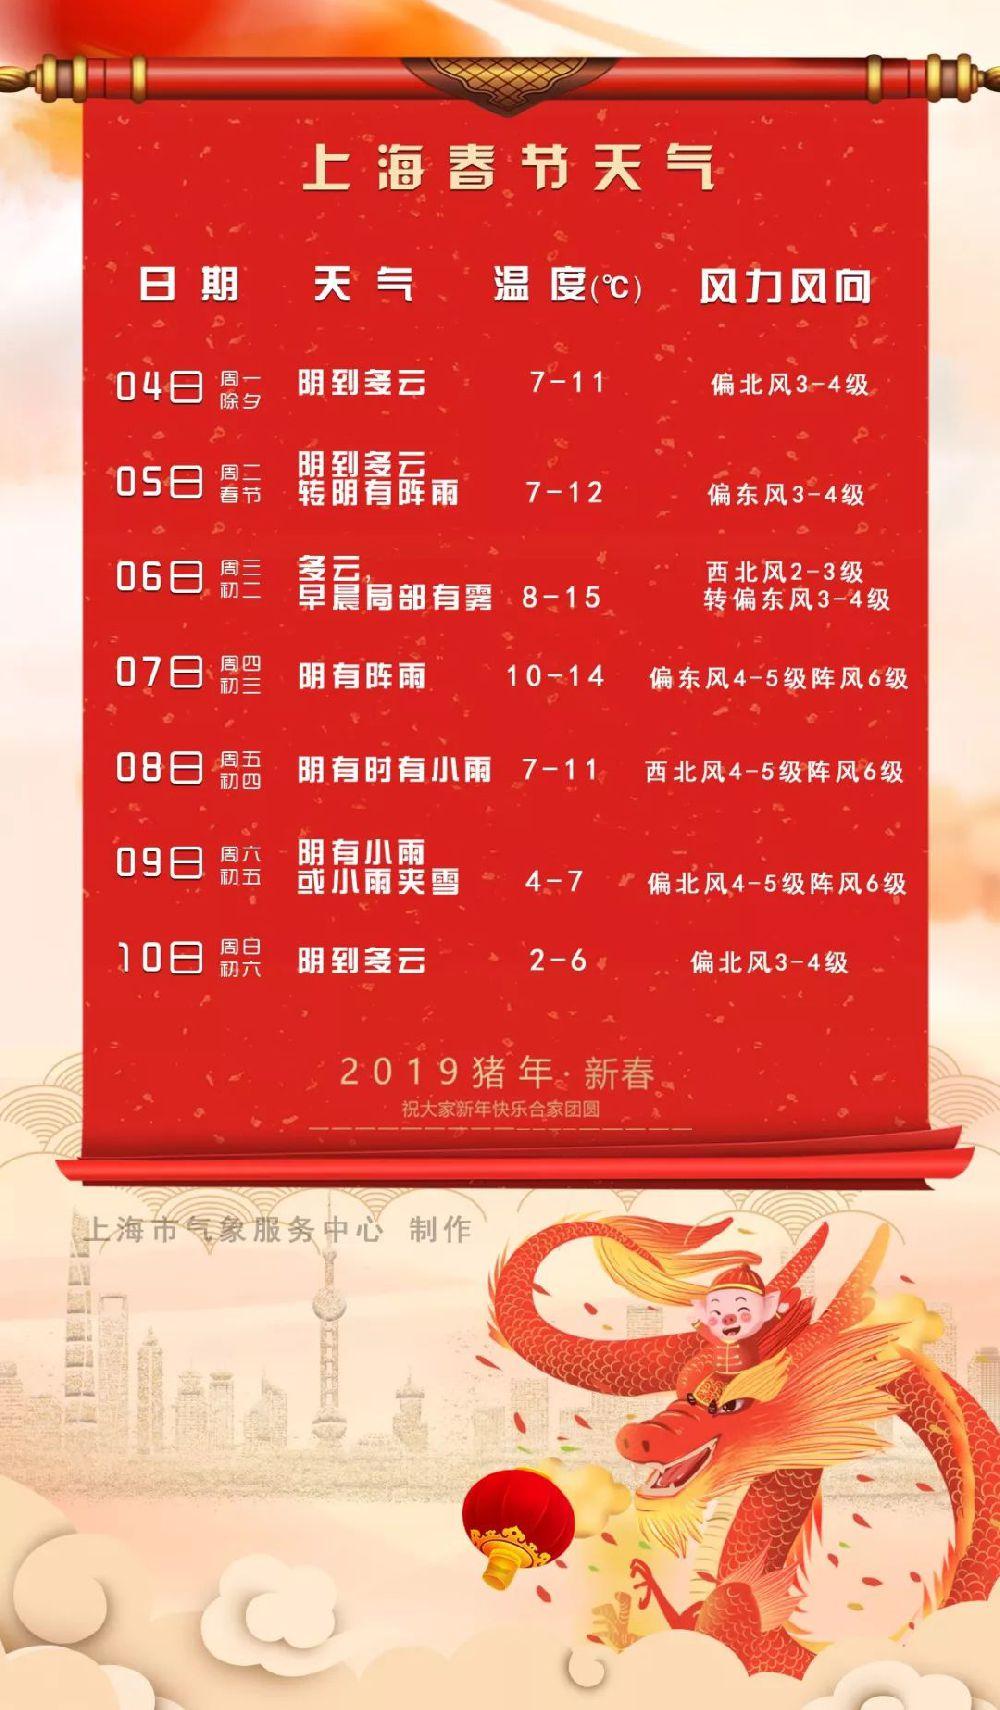 2019上海春节天气 气温前升后降 有降水过程